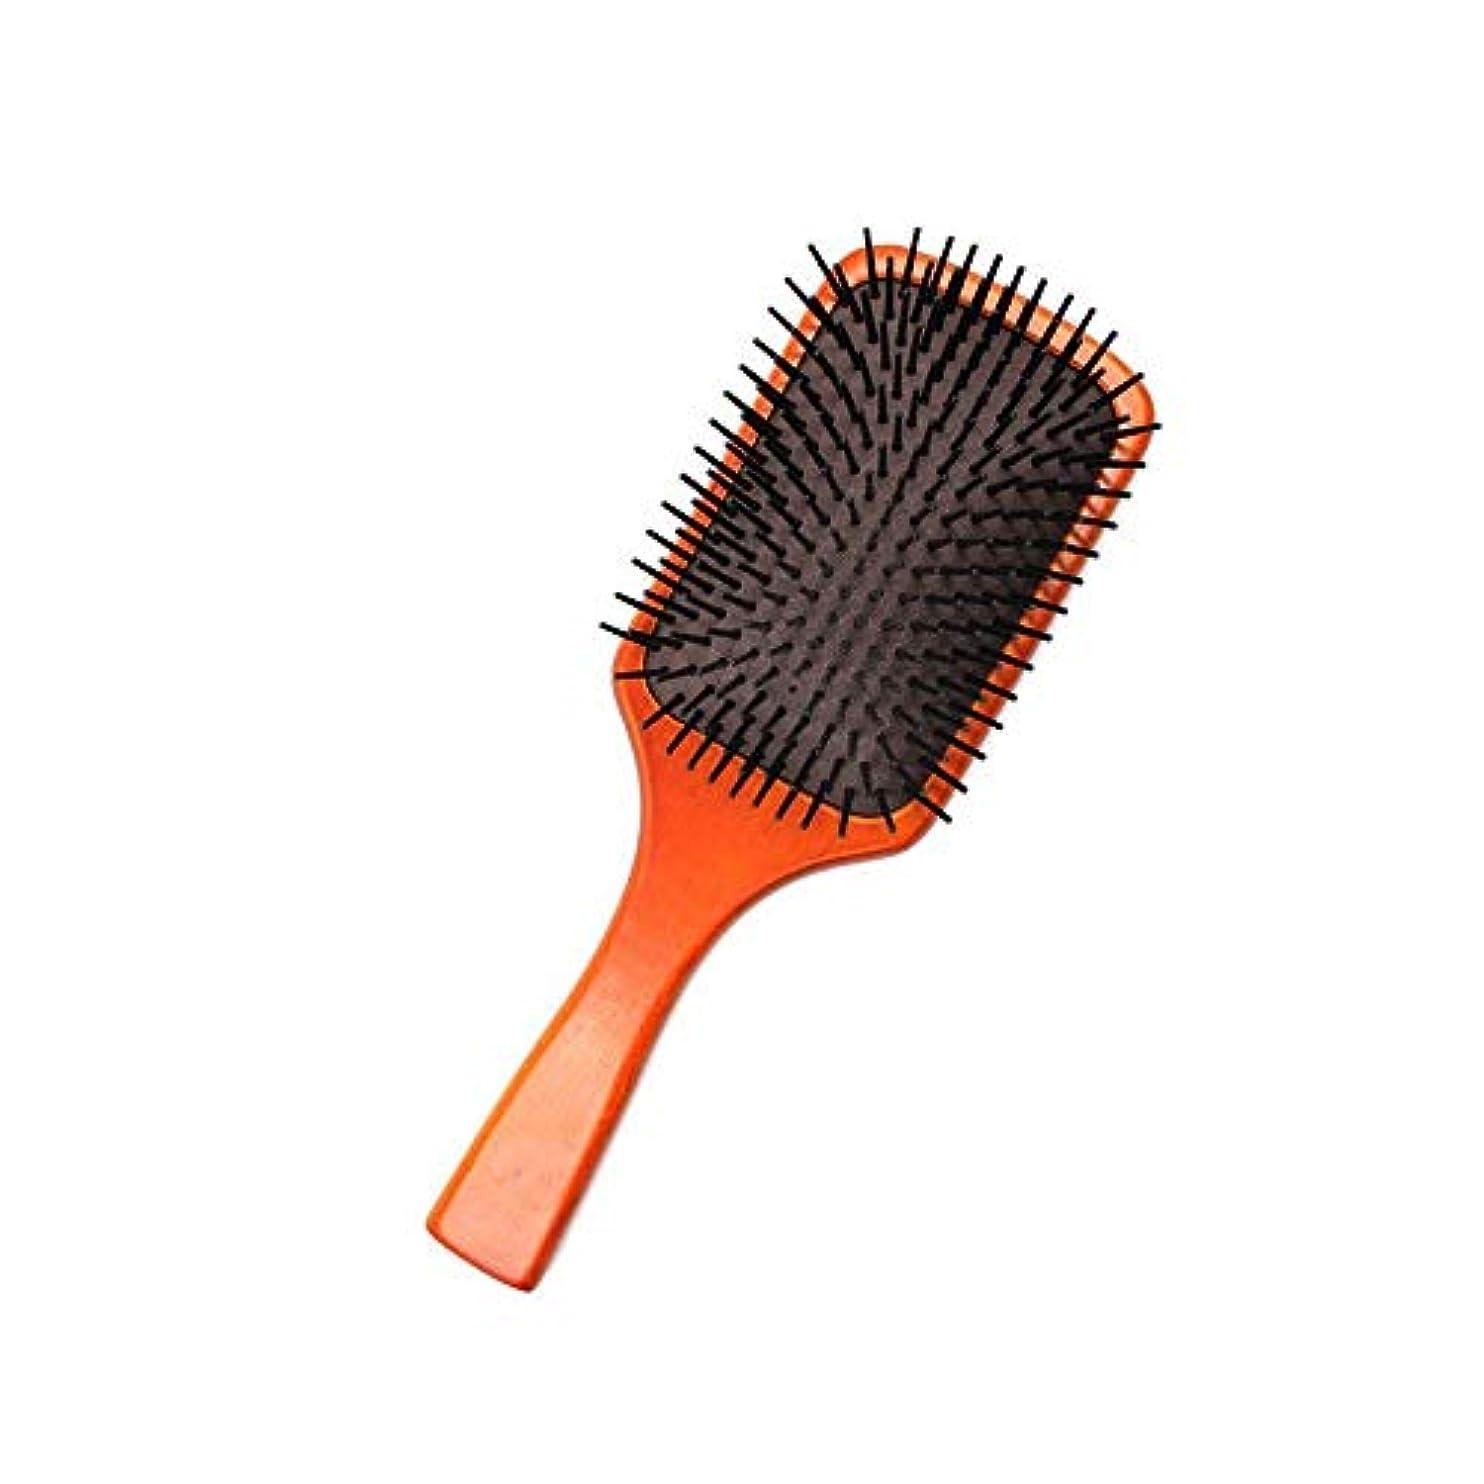 無駄に統計と遊ぶZYDP 帯電防止木の毛のブラシのマッサージの櫛のブラシ (色 : Photo color)